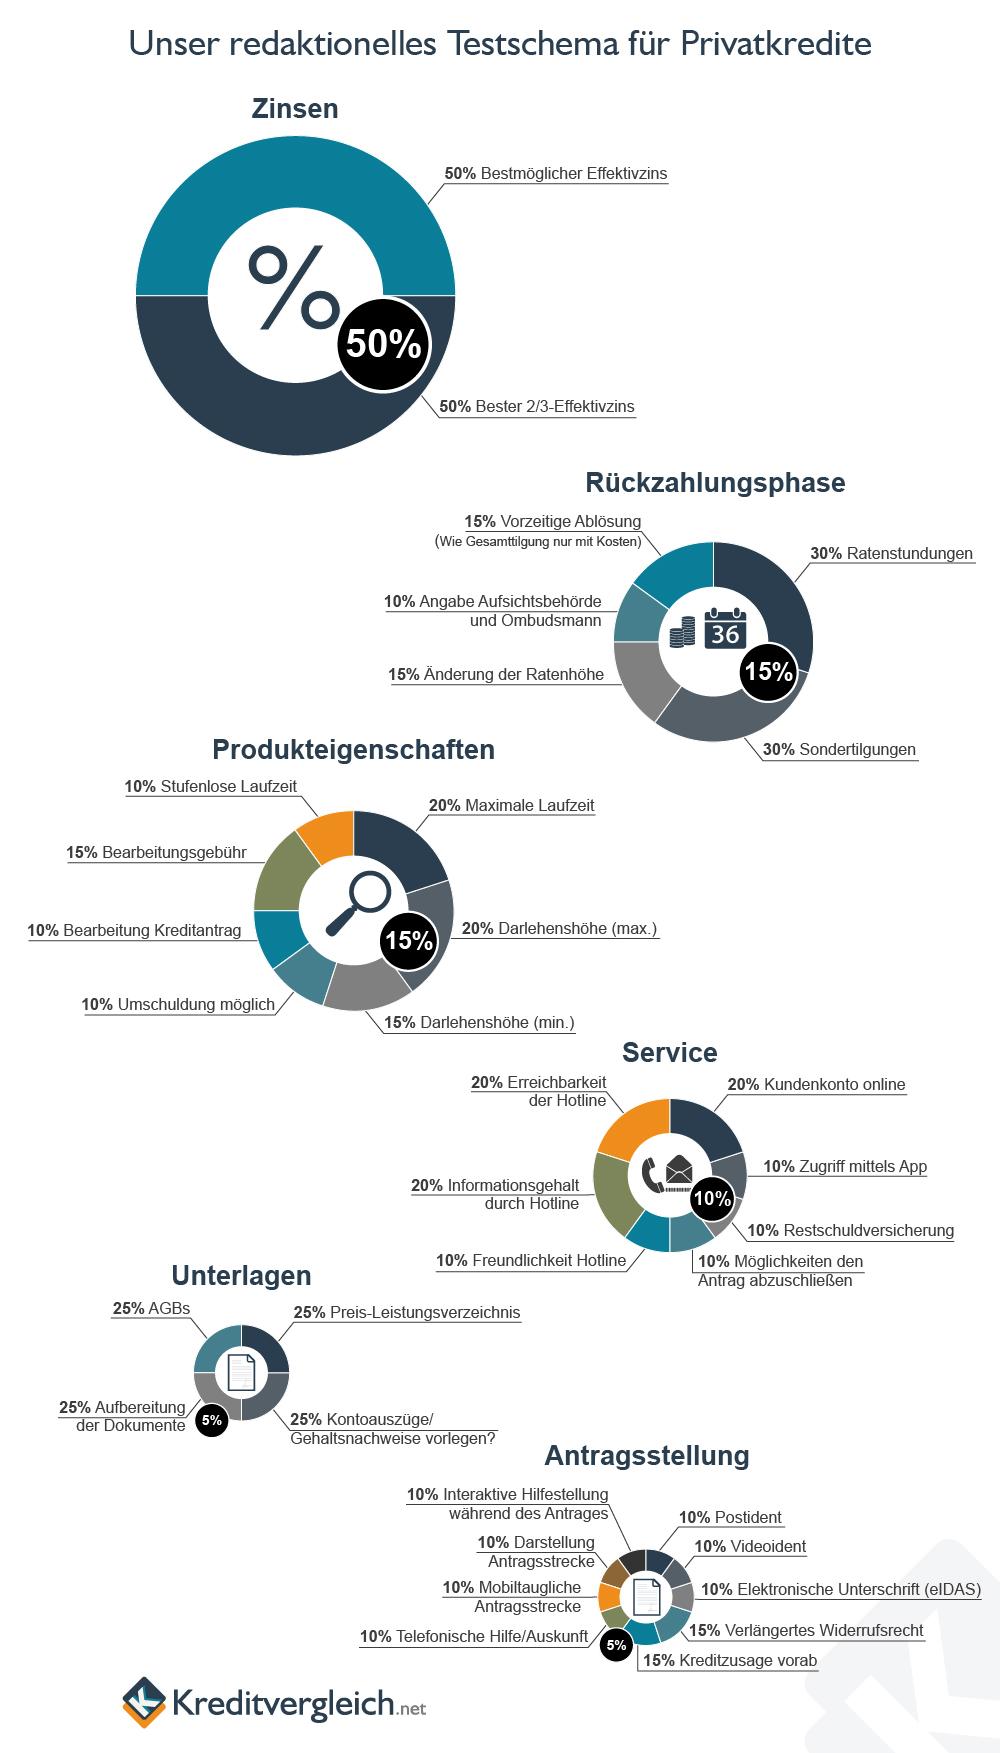 Eine Infografik mit Kreisdiagrammen über unser redaktionelles Testschema für Privatkredite